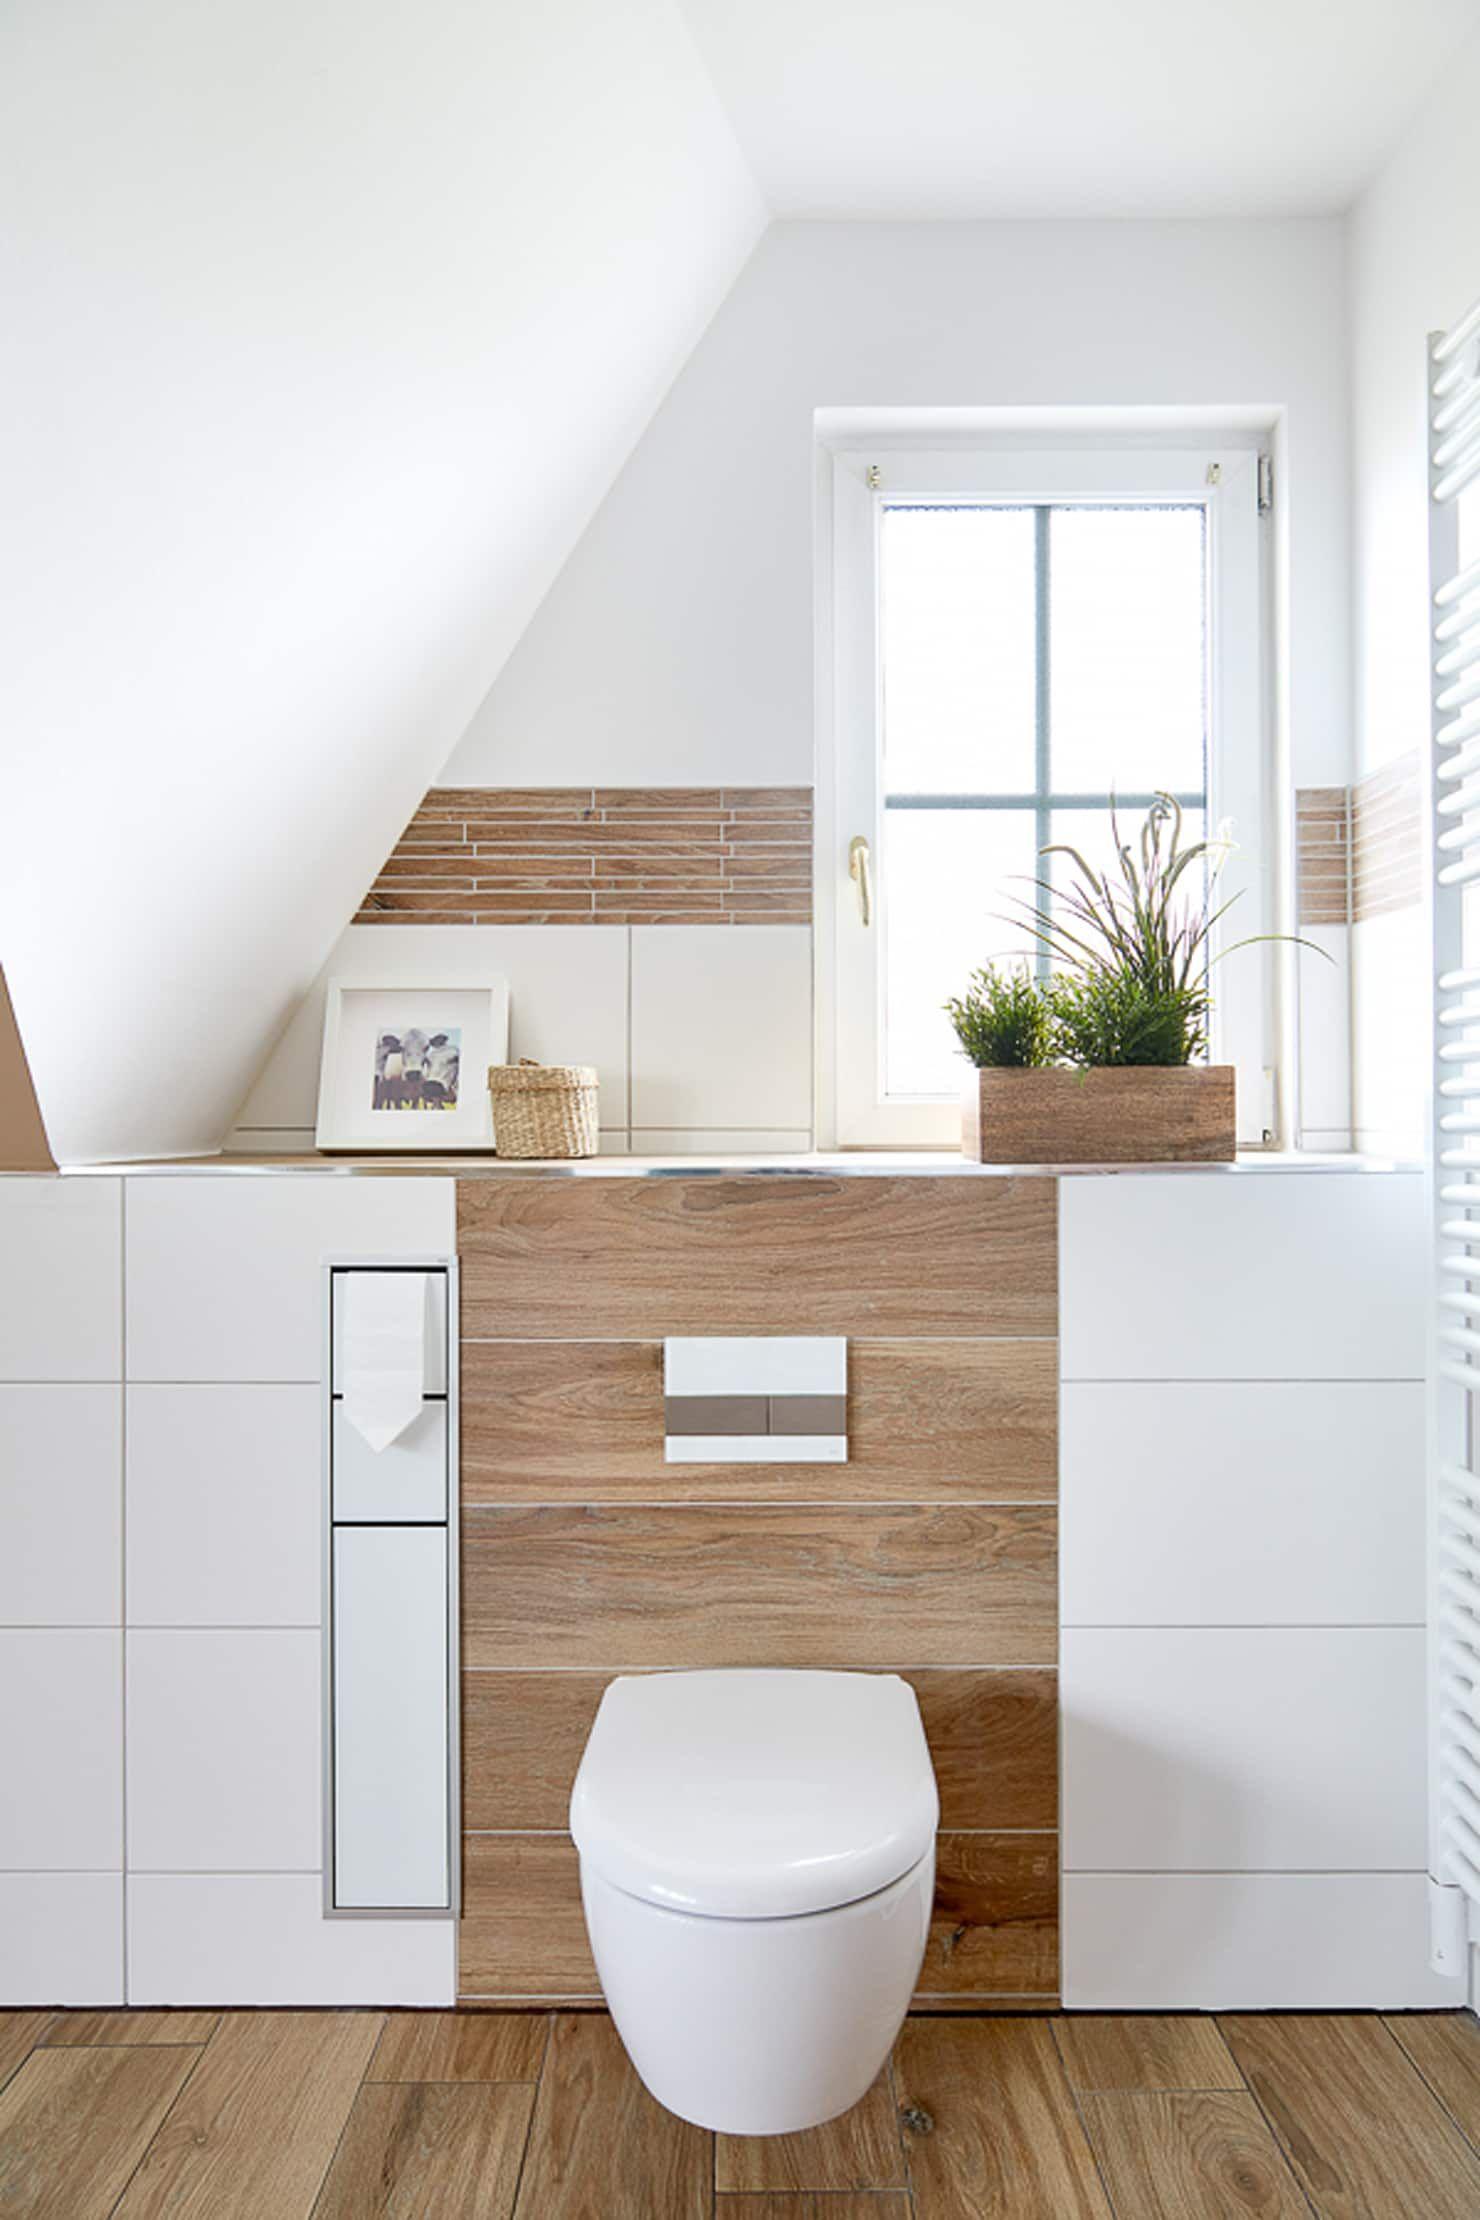 So Holen Sie Sich Die Natur Ins Badezimmer Moderne Badezimmer Von Banovo Gmbh Modern Holz Kunststoff Verbund Homify Badezimmer Innenausstattung Modernes Badezimmer Badezimmer Bauen